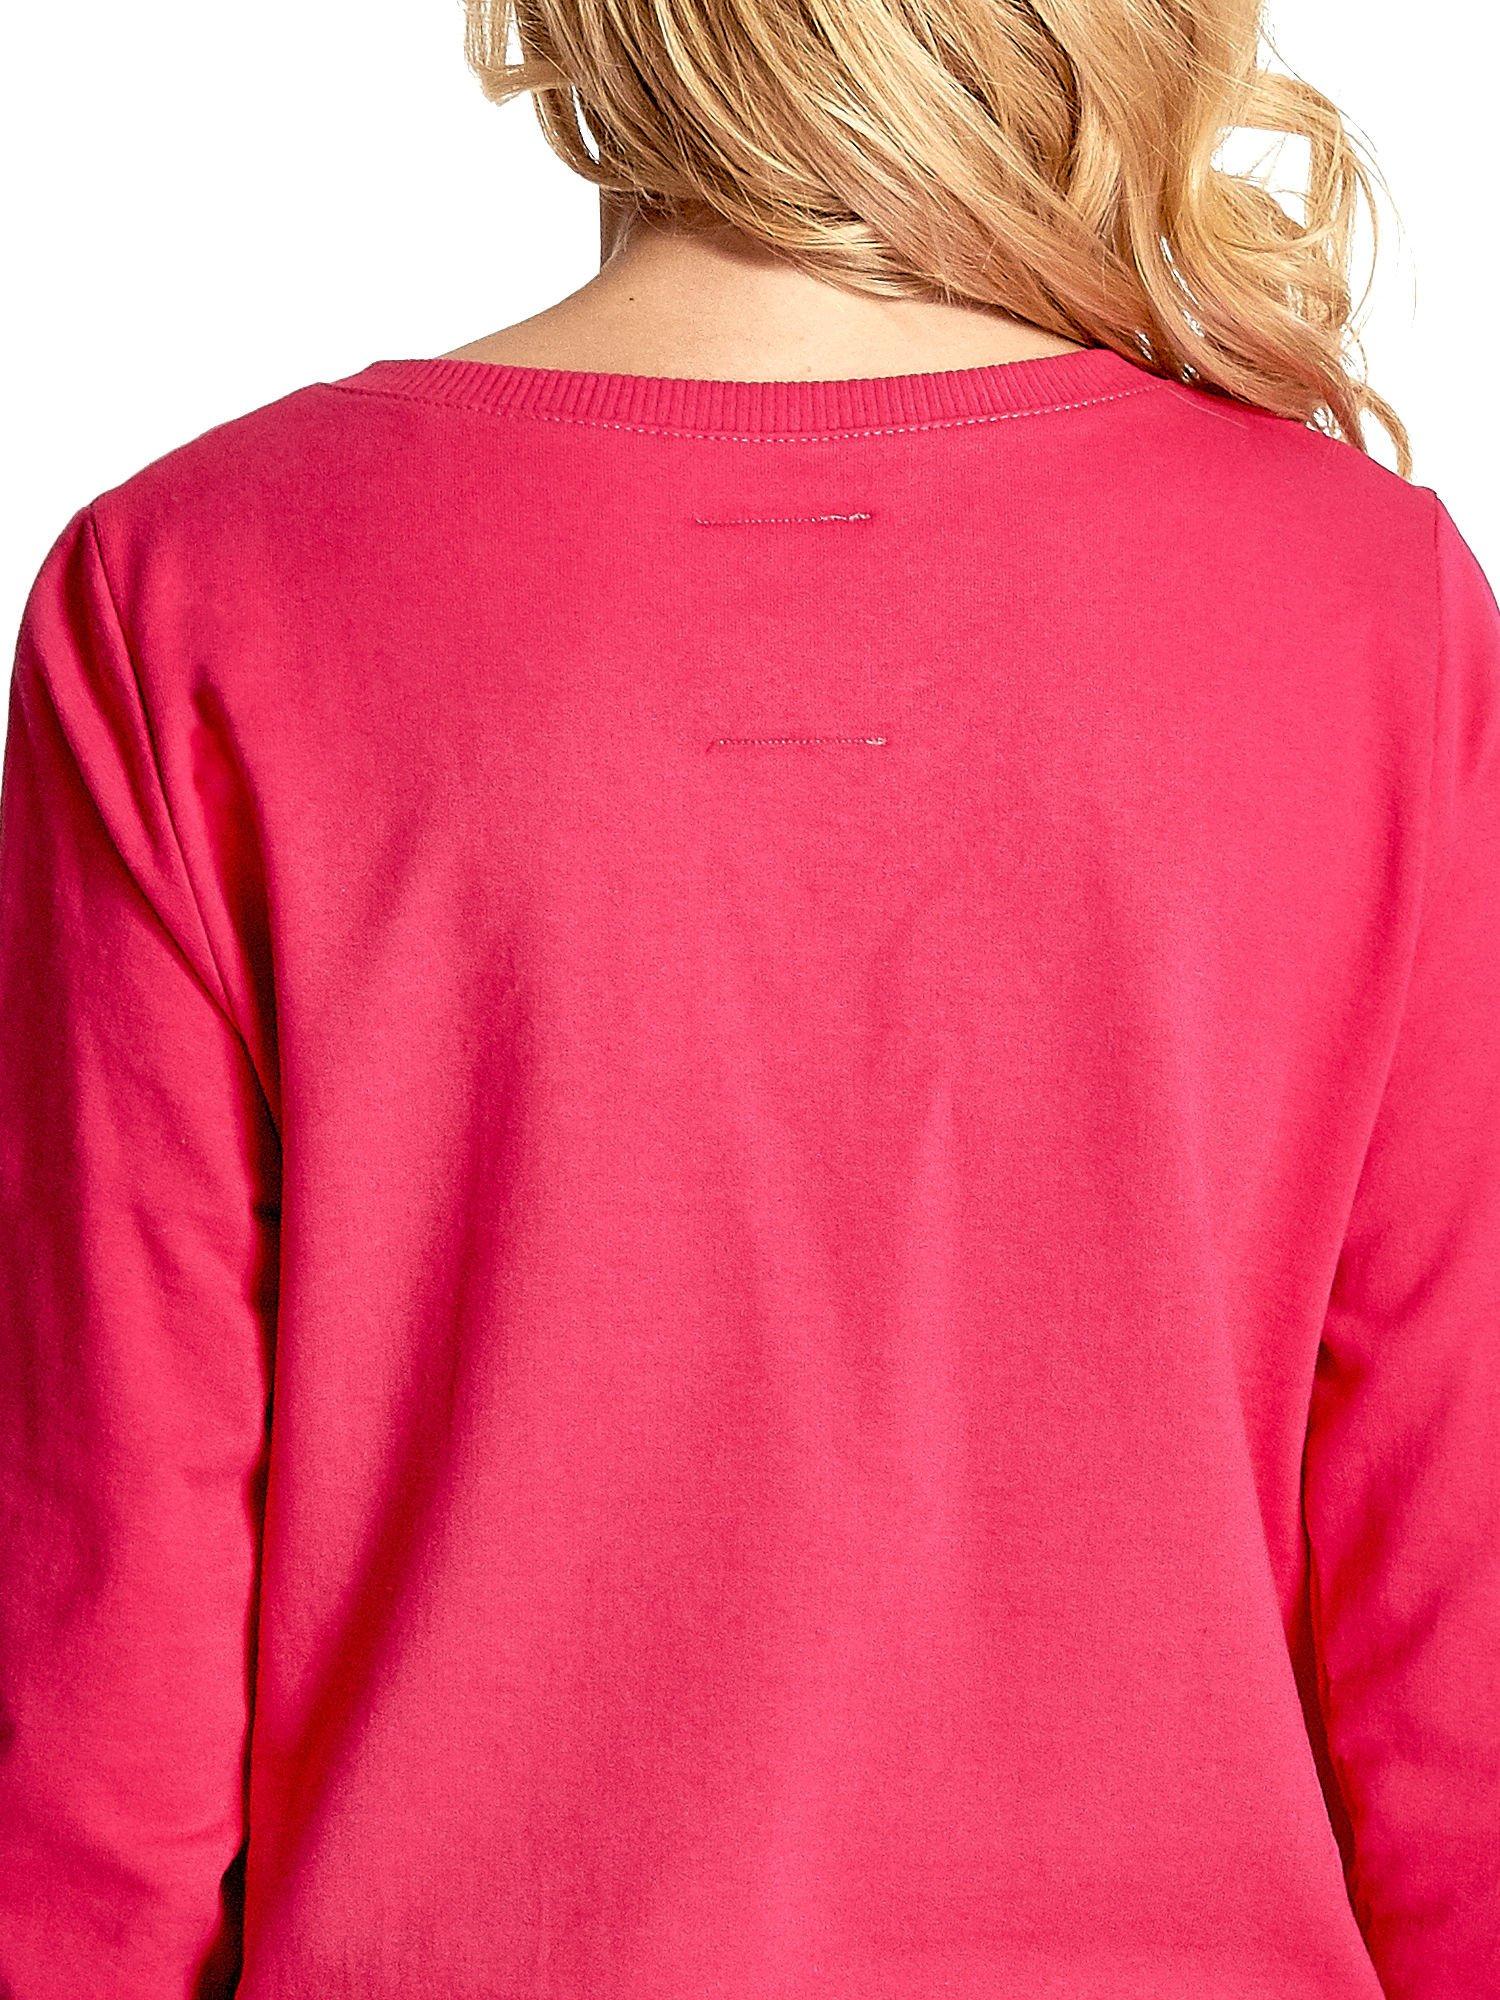 Rózowa klasyczna bluza damska z napisem AVENUE MONTAIGNE                                  zdj.                                  7